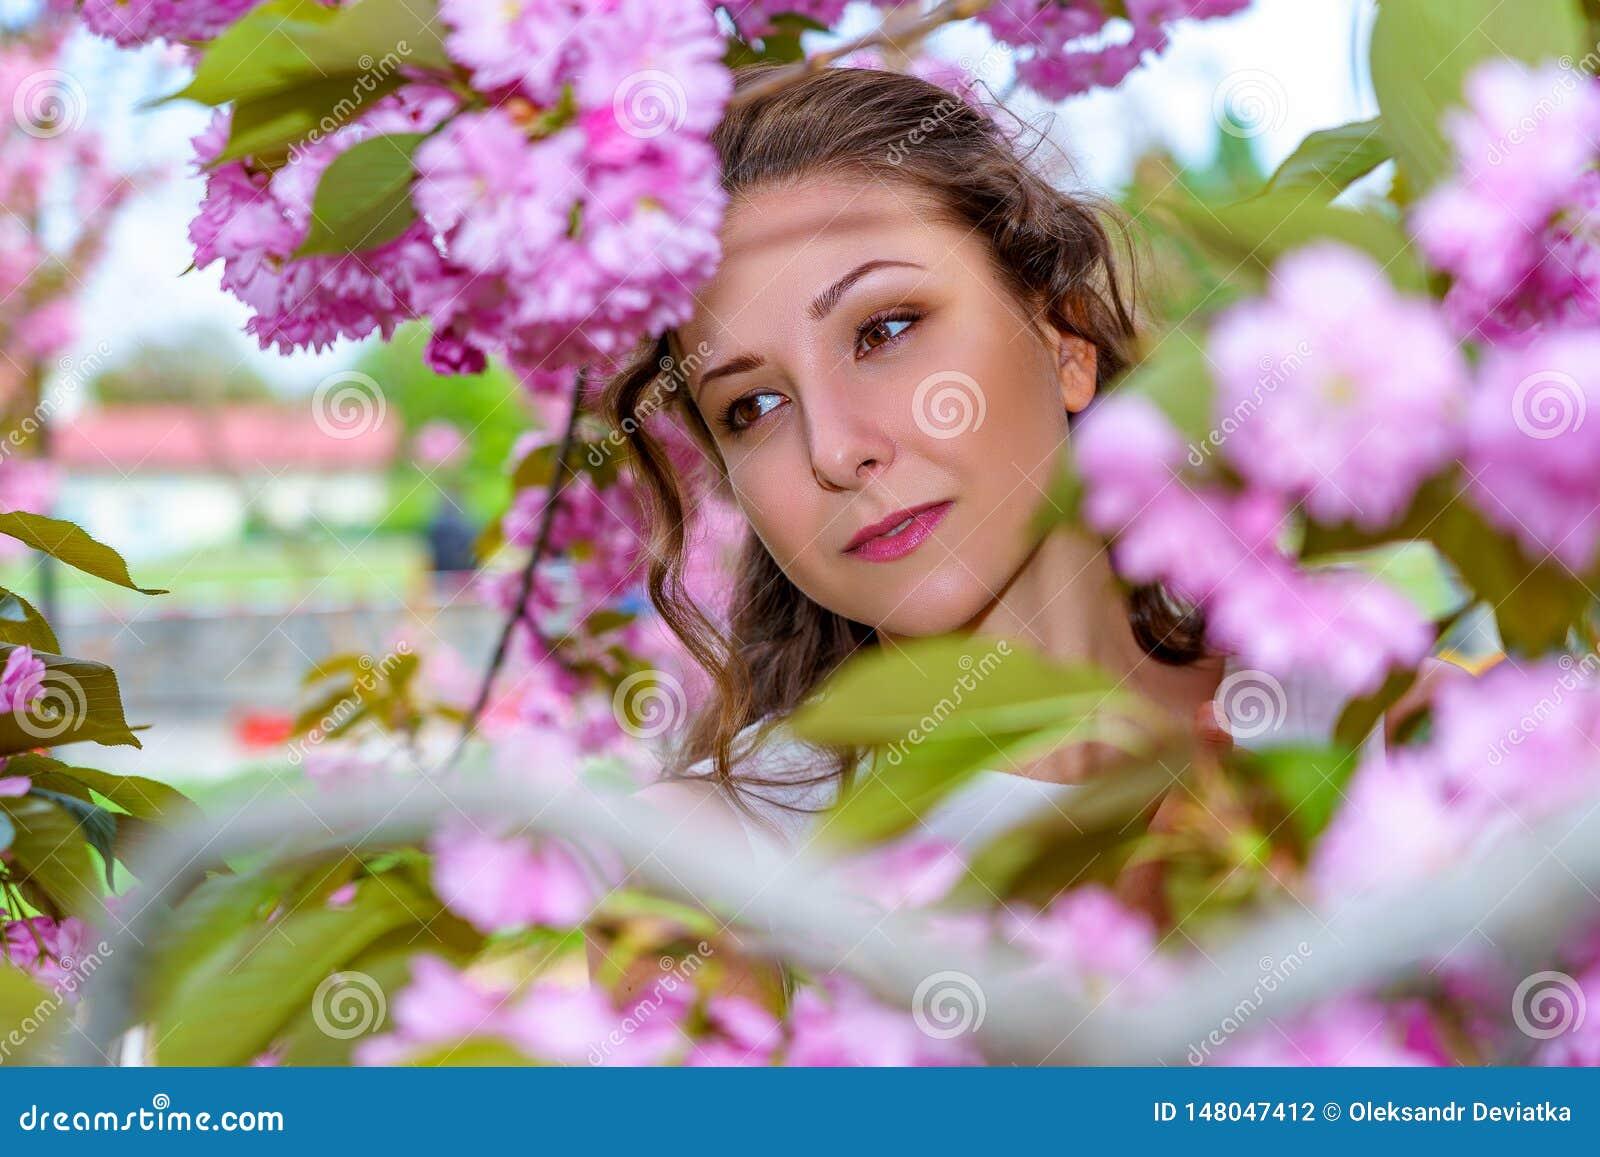 Retrato de la señora joven hermosa en el flor de flores rosadas